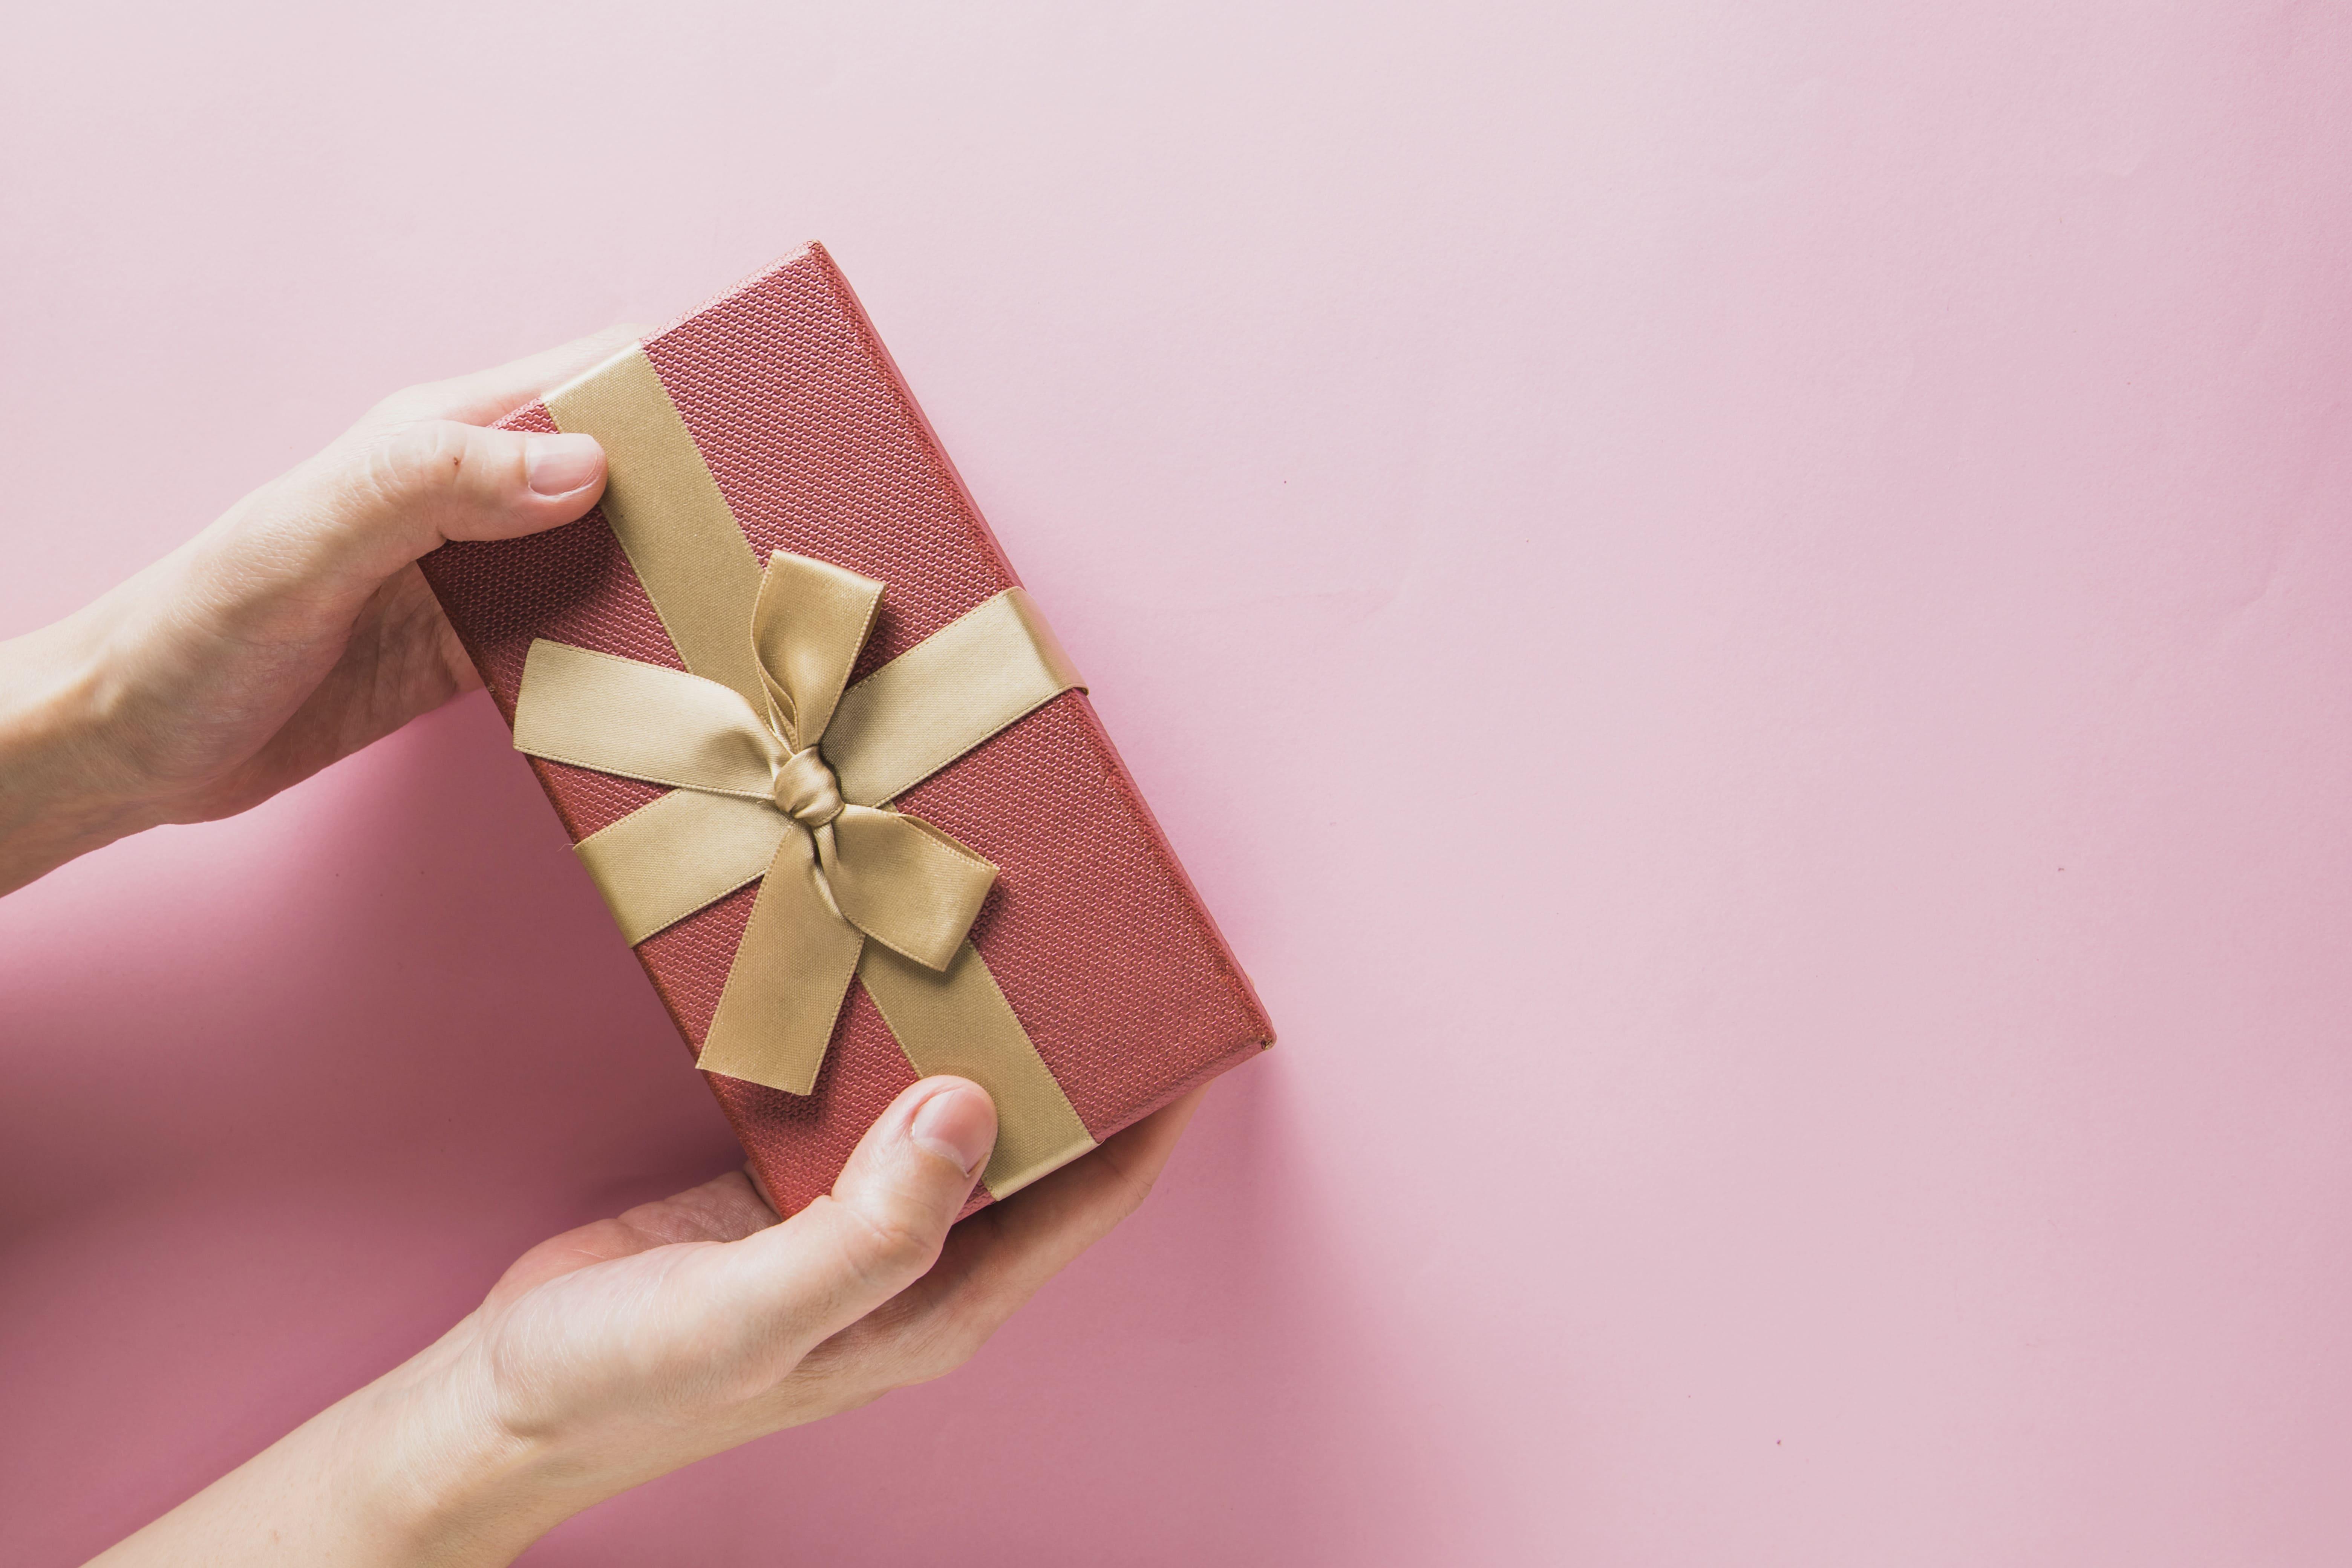 Procon de Criciúma dá dicas para compras do Dia das Mães